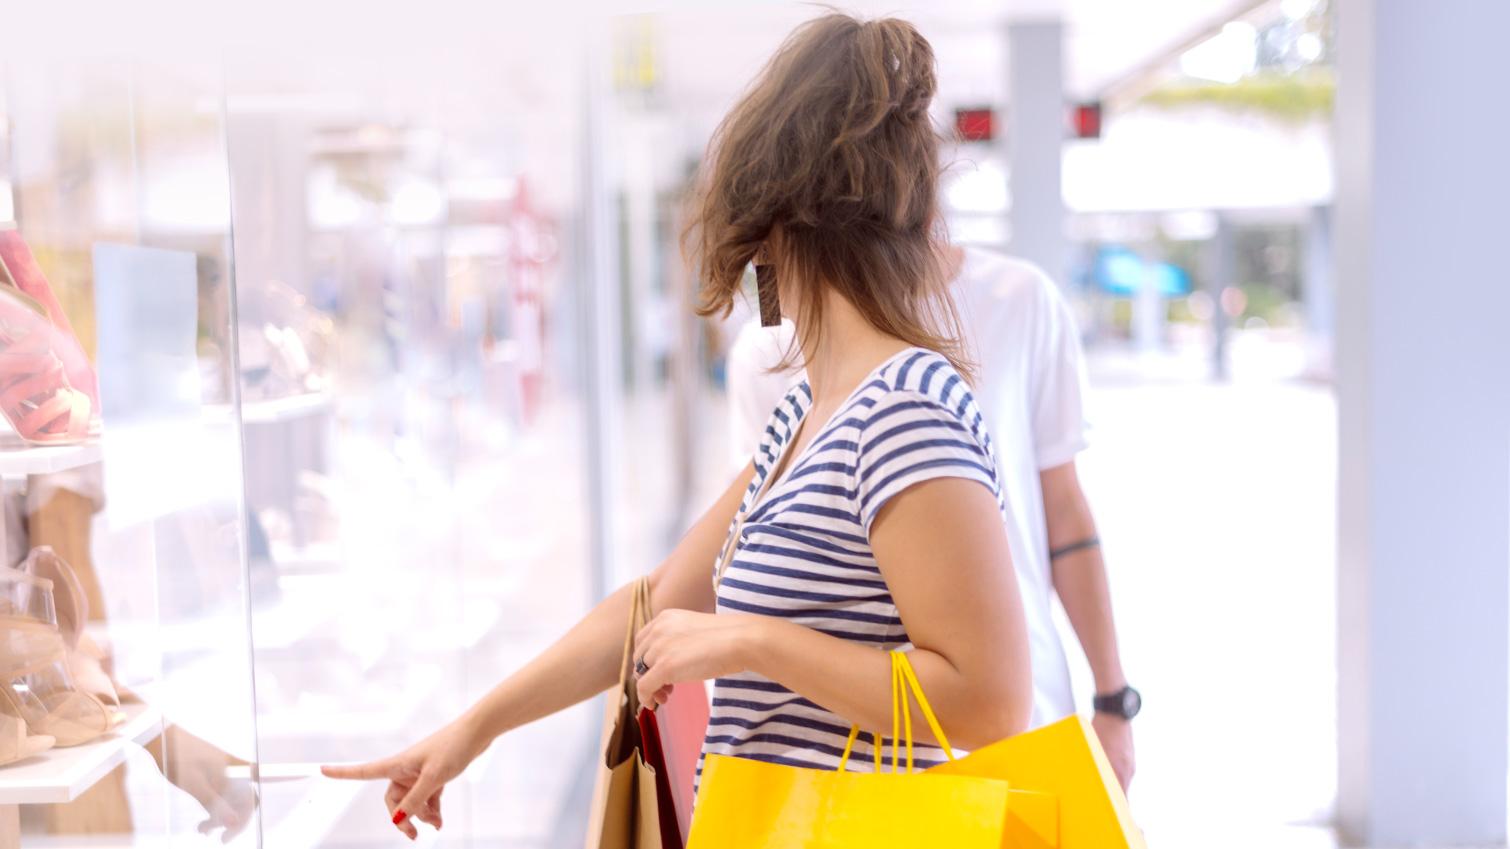 Sering Tergiur Modelnya yang Lucu, Ikuti 4 Cara Hindari Pemborosan Saat Belanja Baju Anak